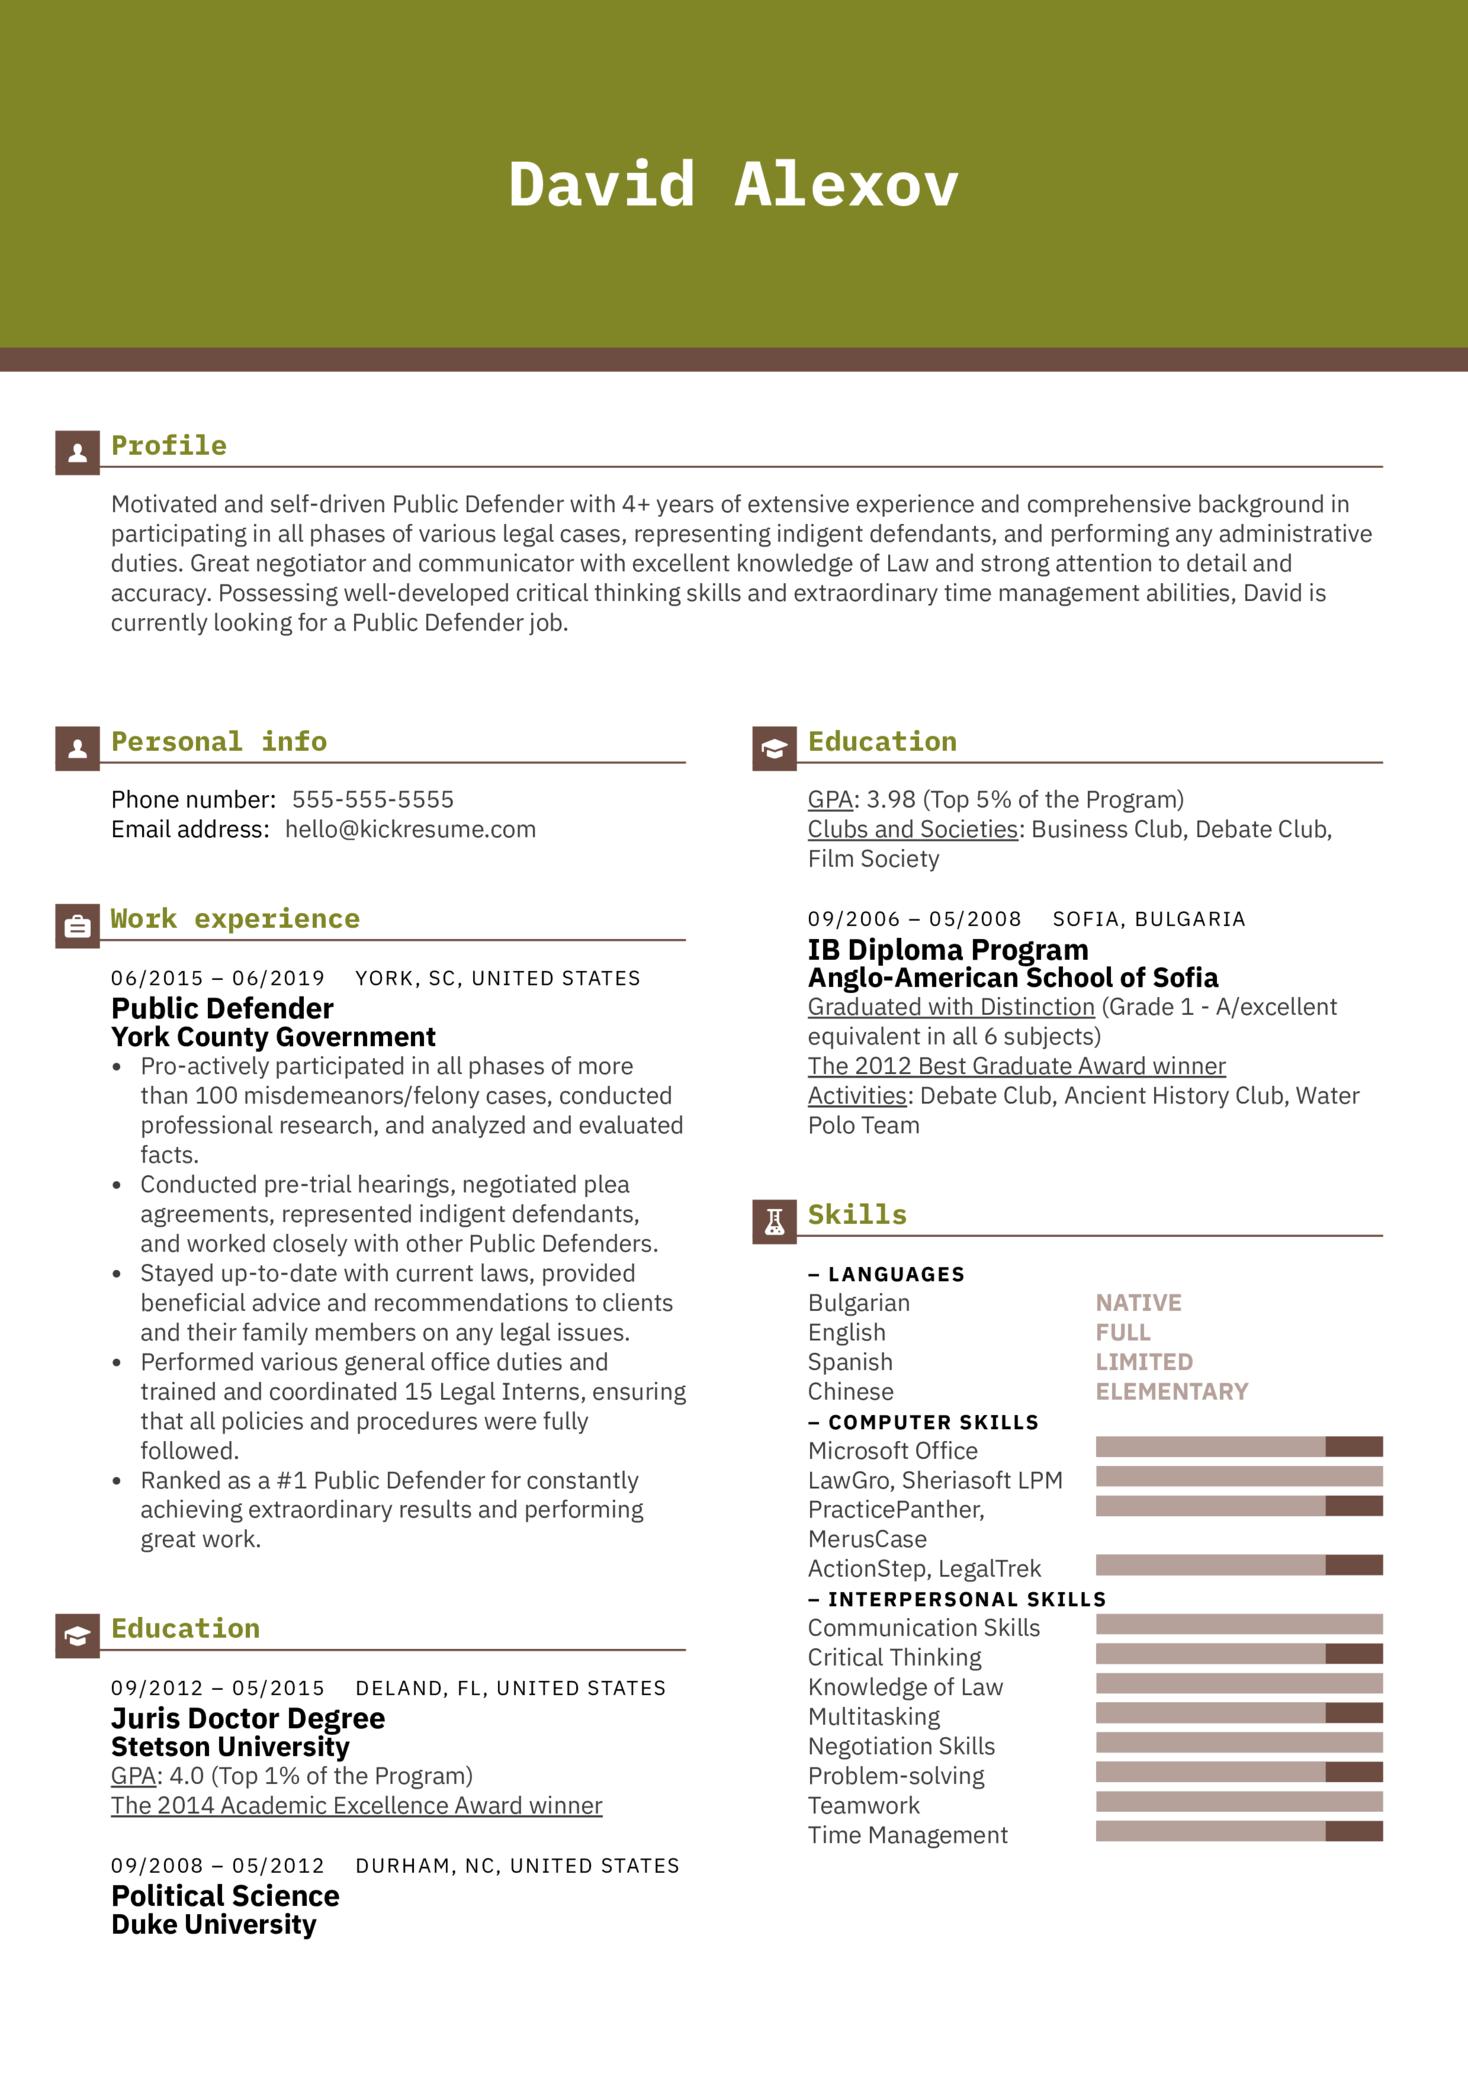 Public Defender Resume Example (Teil 1)